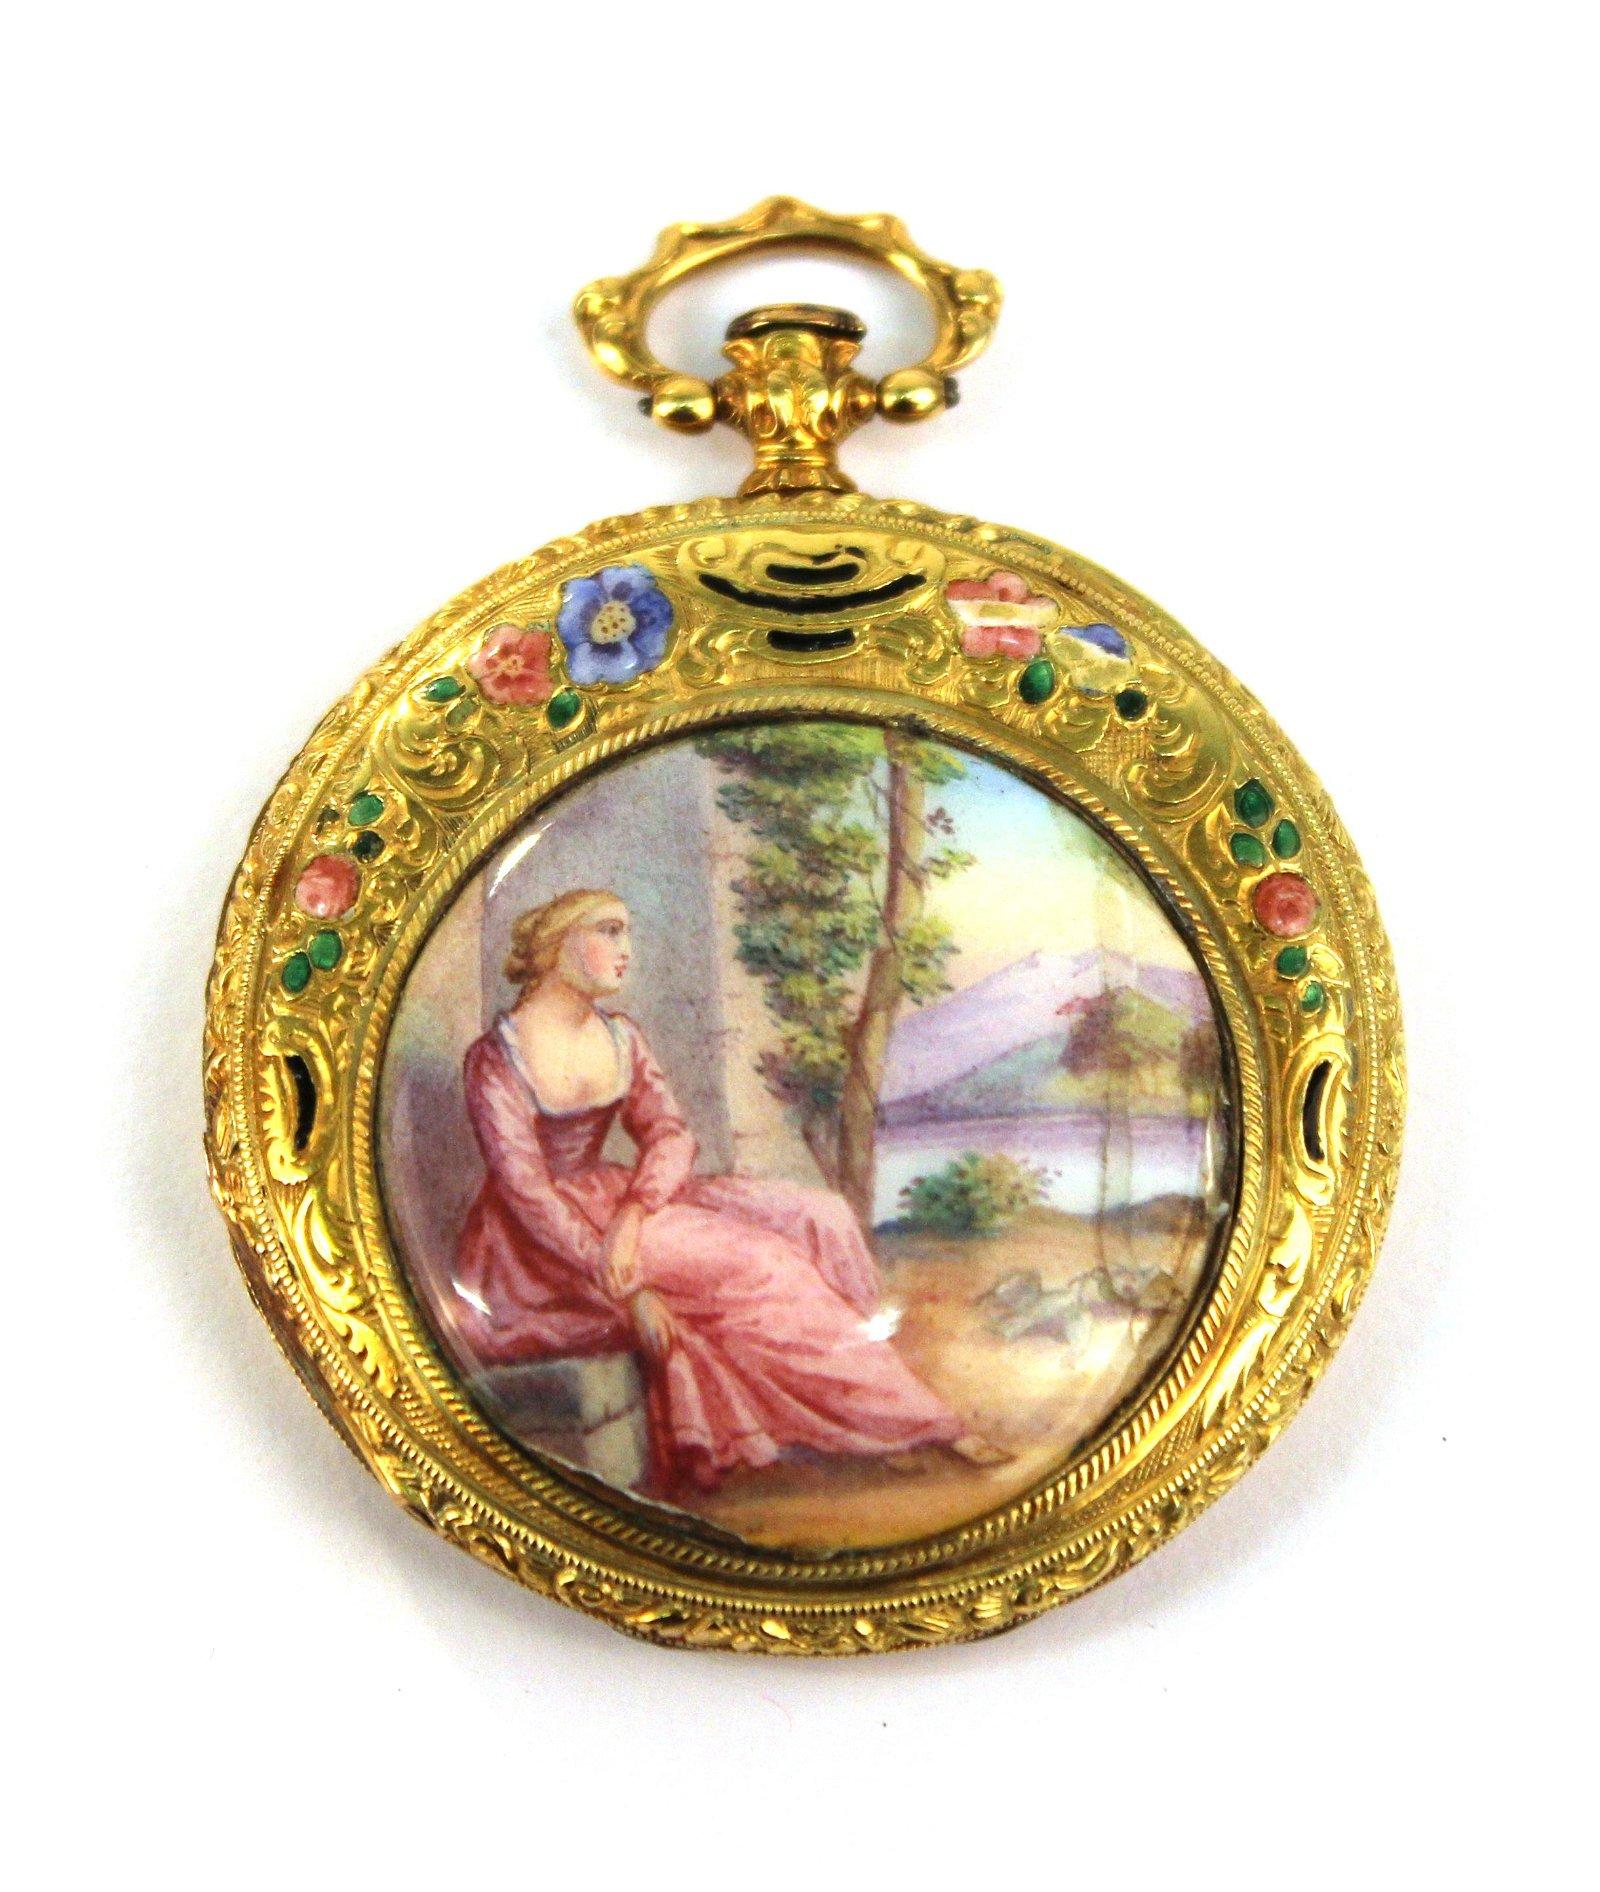 18K Yellow Gold & Enamel Watch Case / Locket